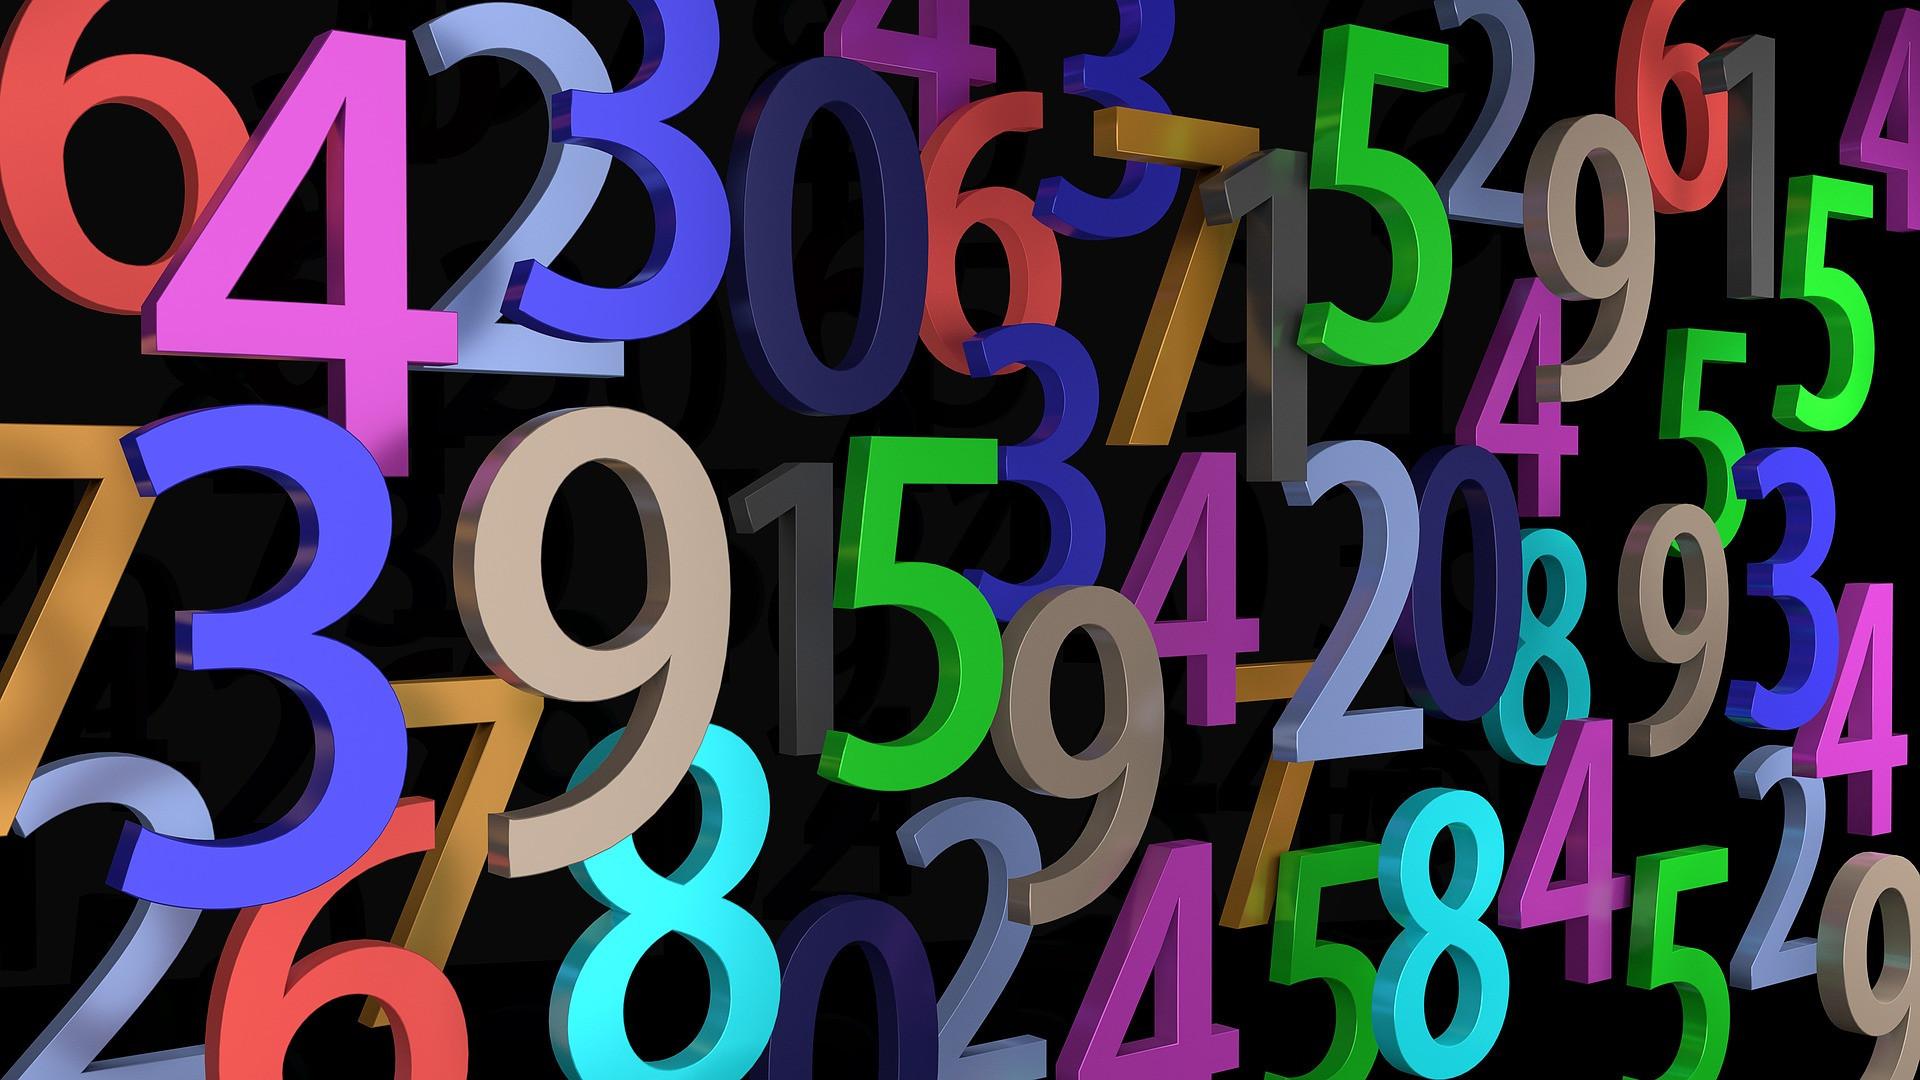 Ангельская нумерология на часах: учимся читать подсказки судьбы